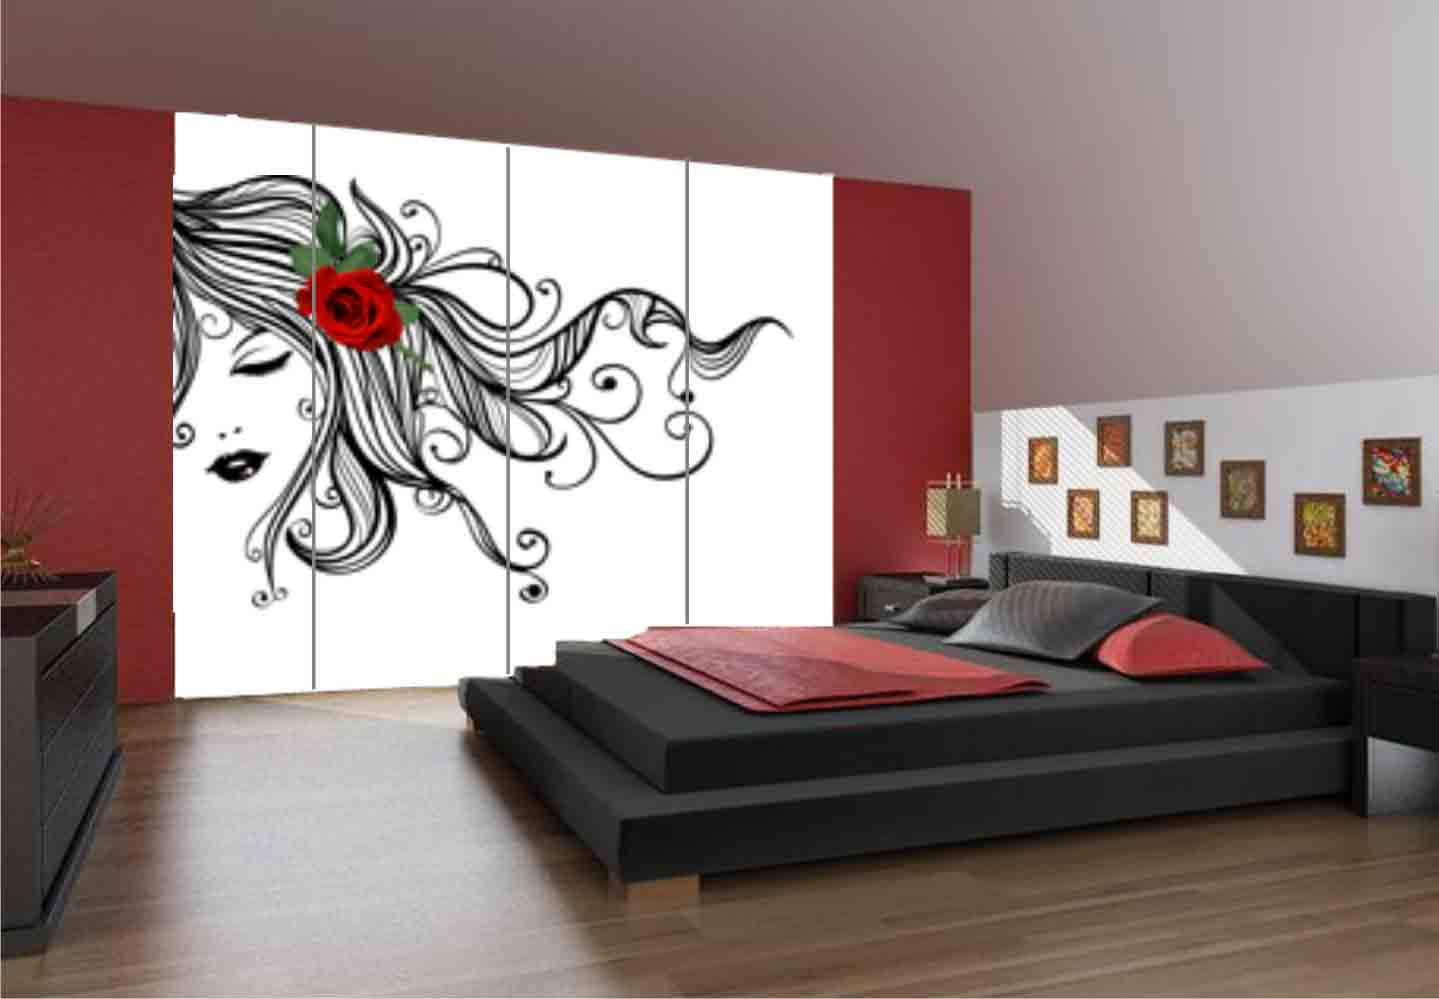 Vinilos baratos soluciones de lujo hoy lowcost for Pegatinas de decoracion para dormitorios